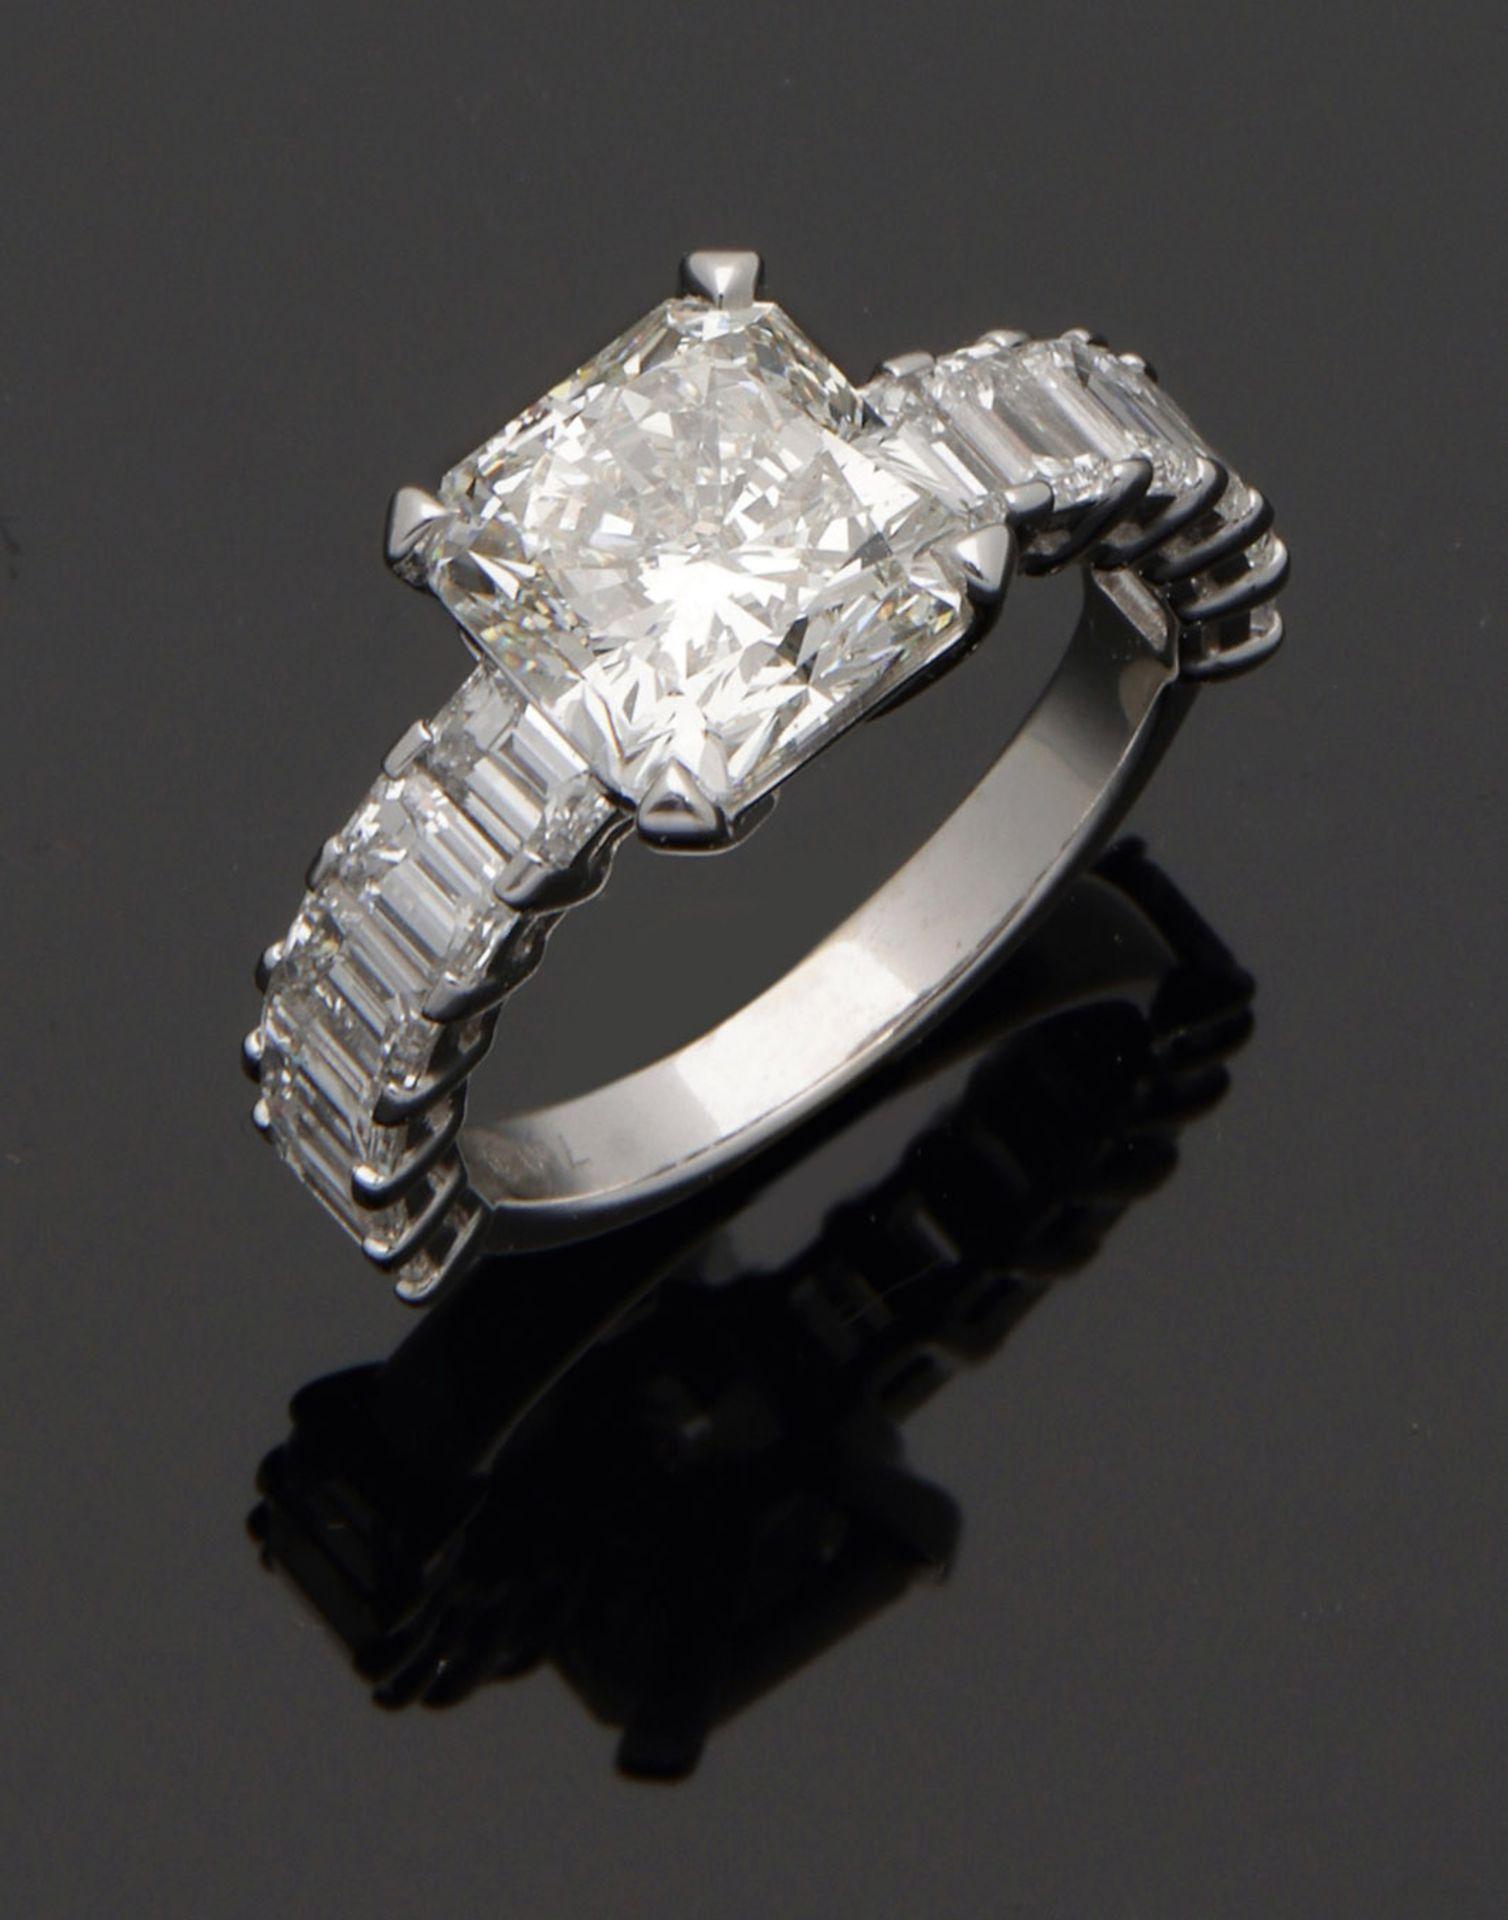 Herausragender hochqualitätvoller Diamant-Solitärring